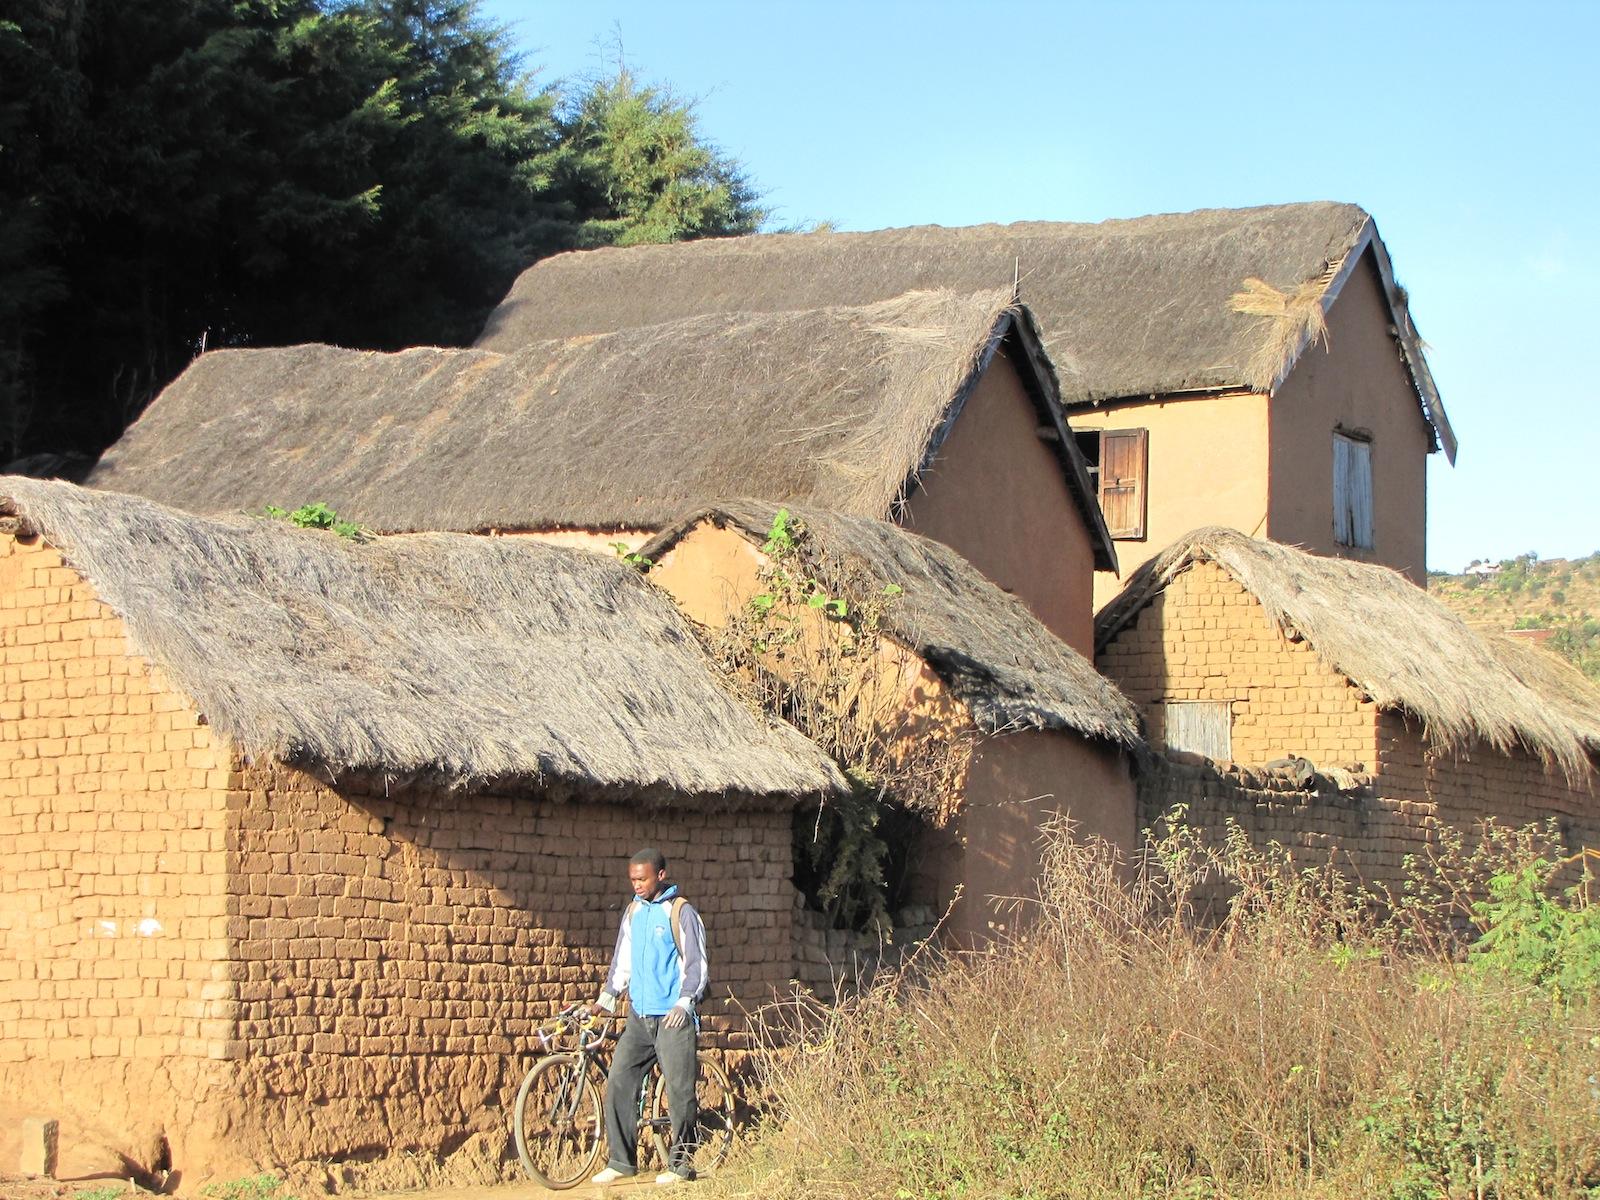 Häuser typisch für Madagaskar